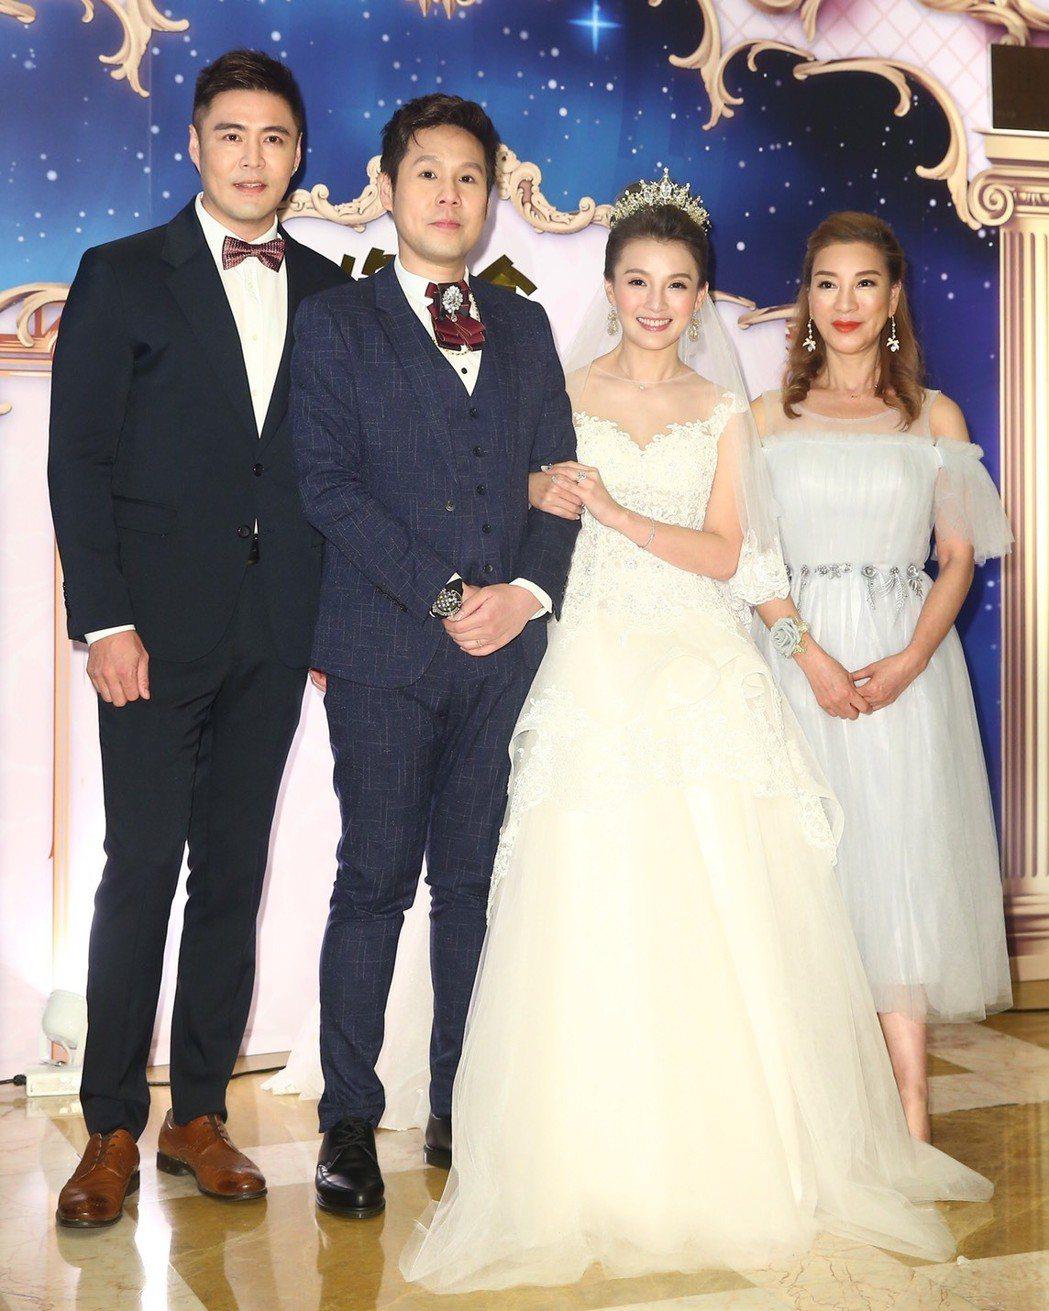 劉至翰和楊繡惠擔任江泳錡的男女儐相。記者林伯東╱攝影